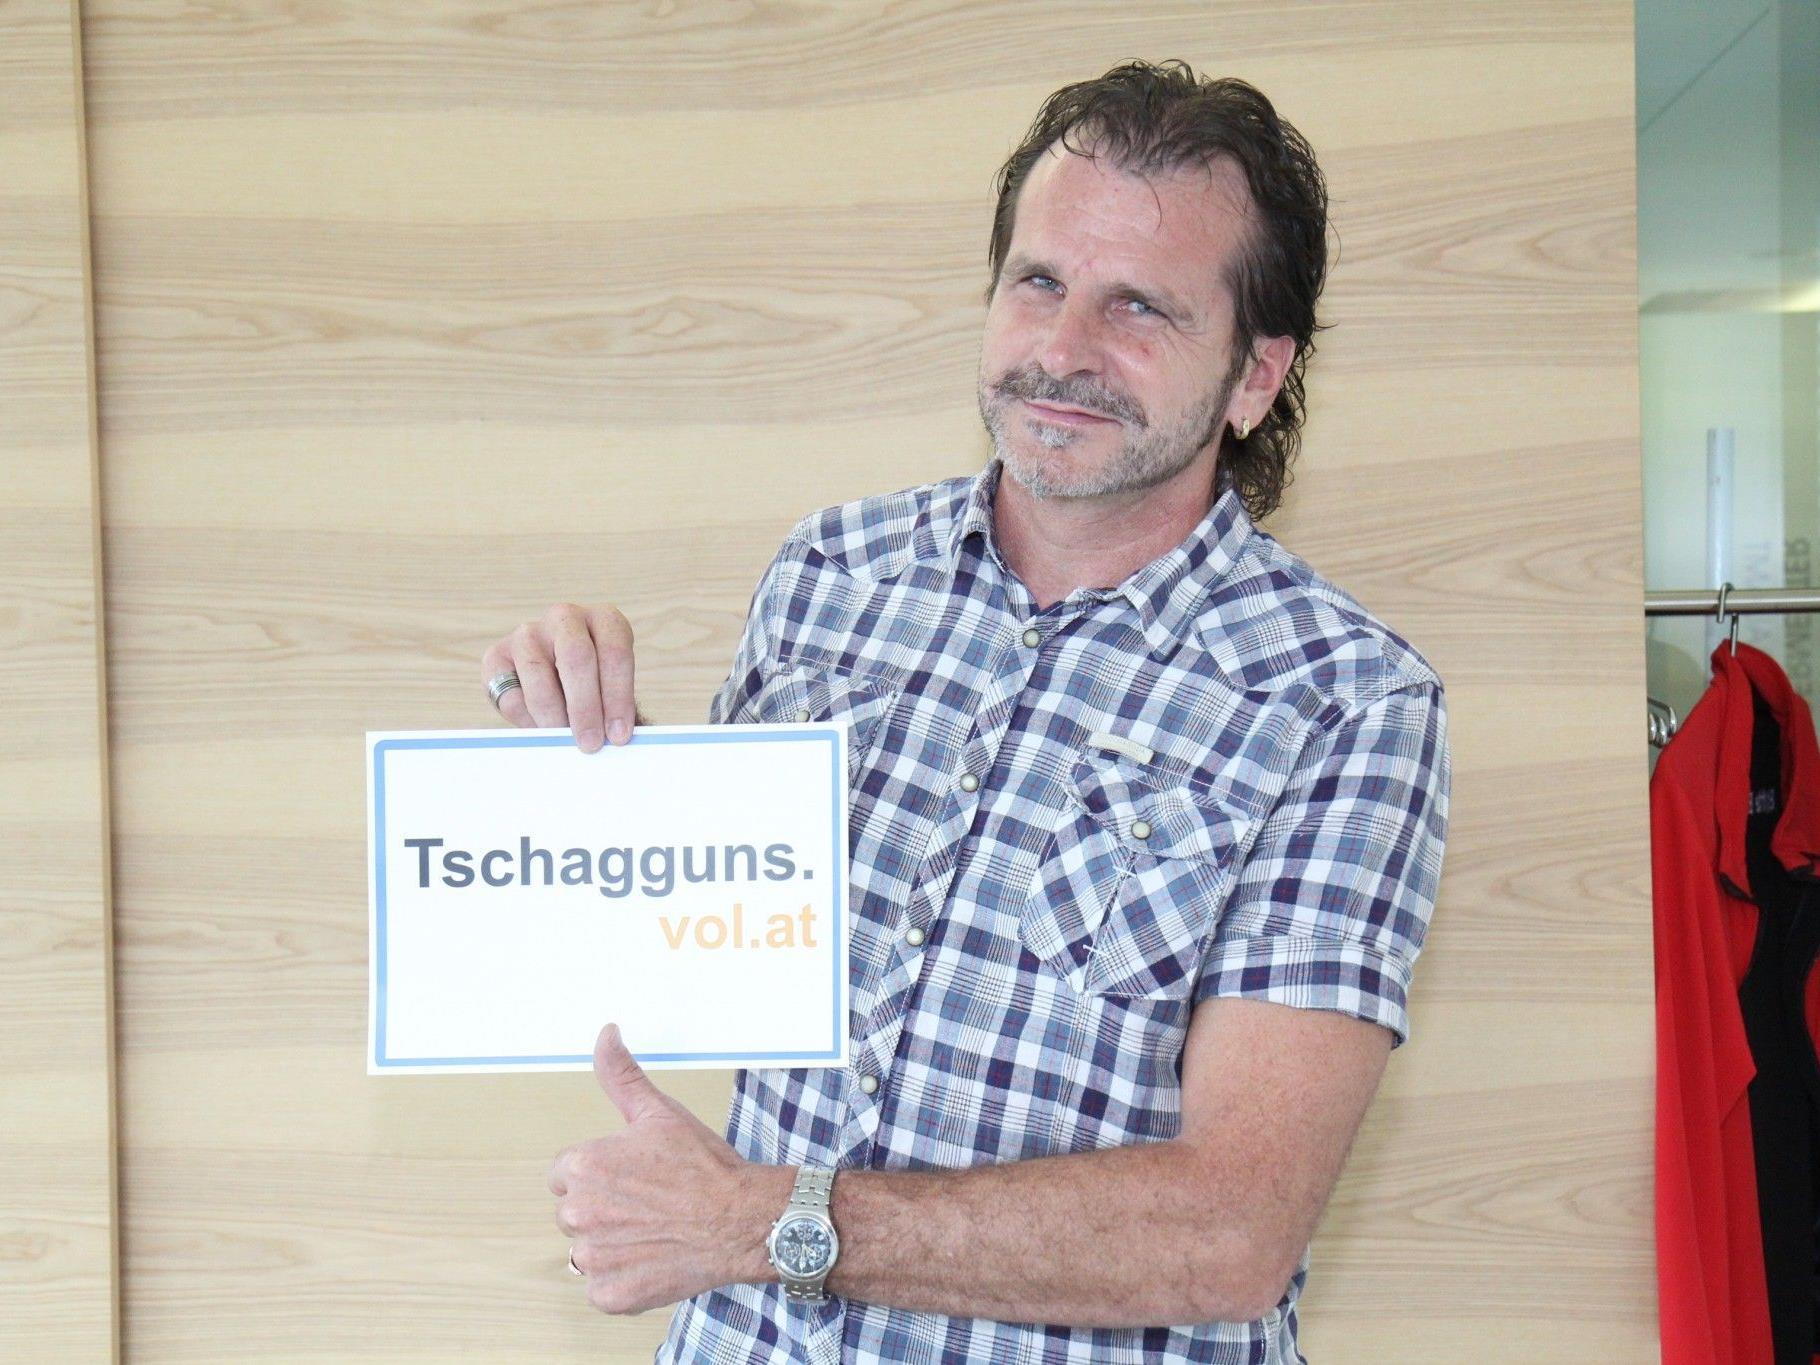 Herbert Bitschnau, Bürgermeister von Tschagguns, im Interview mit VOL.AT